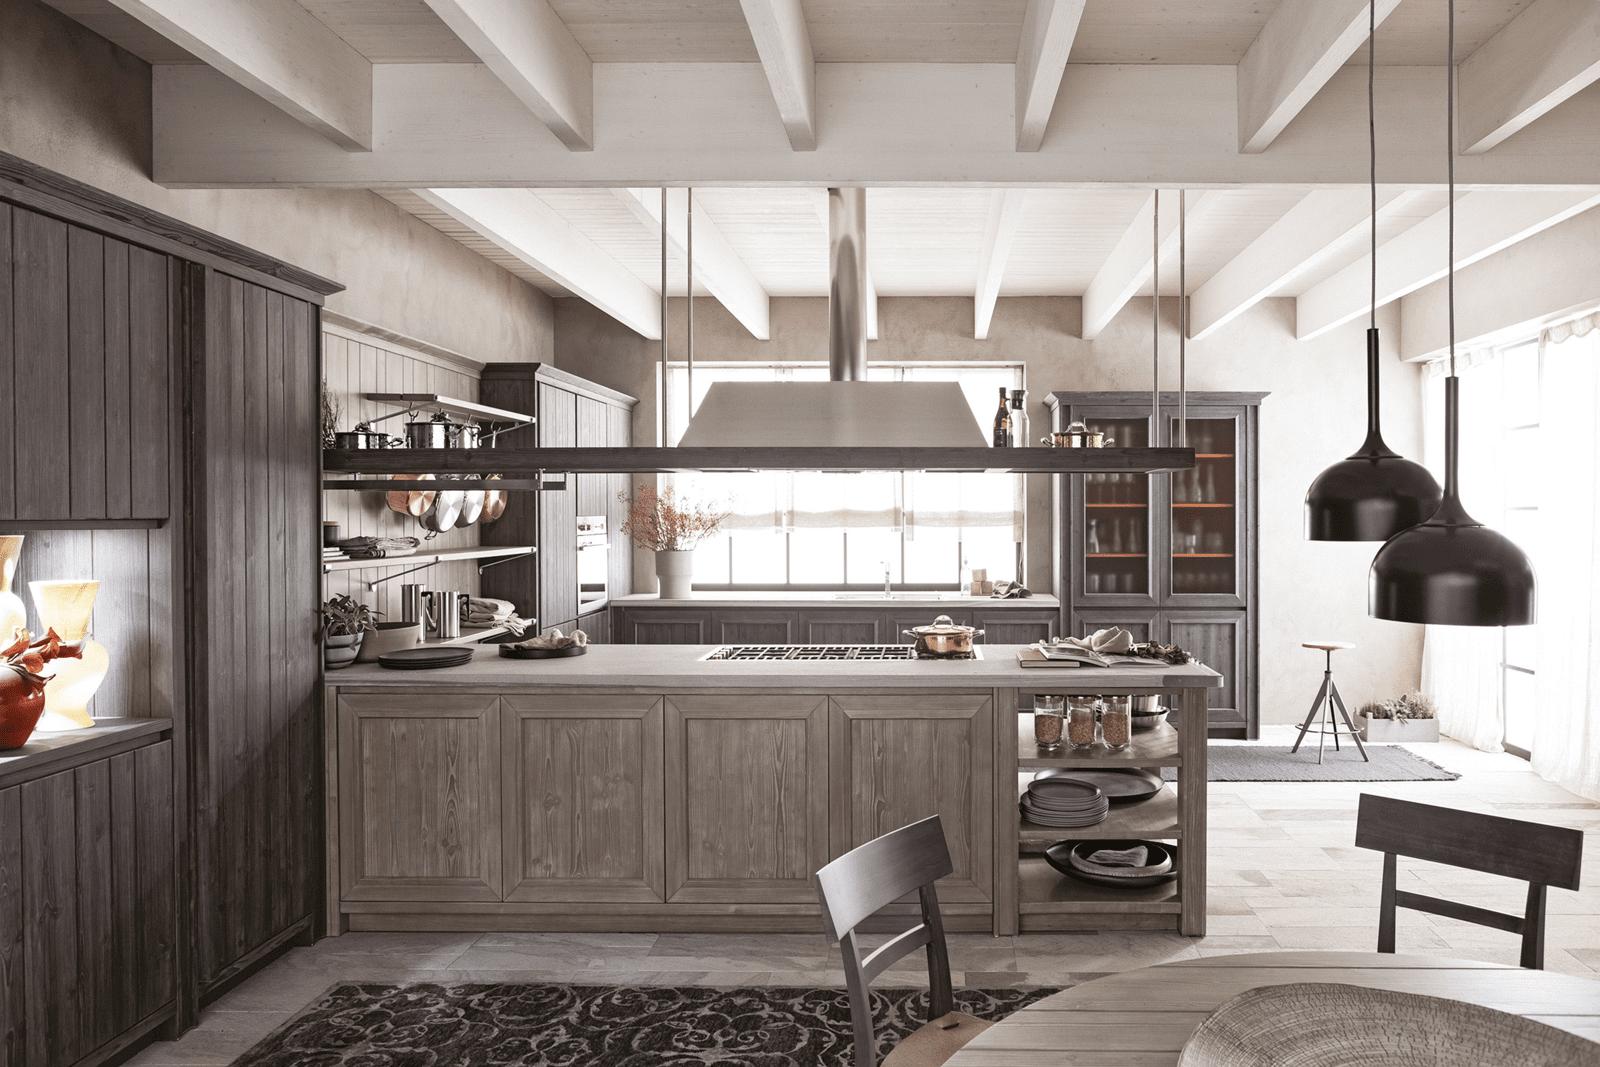 Penisola per la cucina non solo per dividere in zone for Cucine moderne con penisola